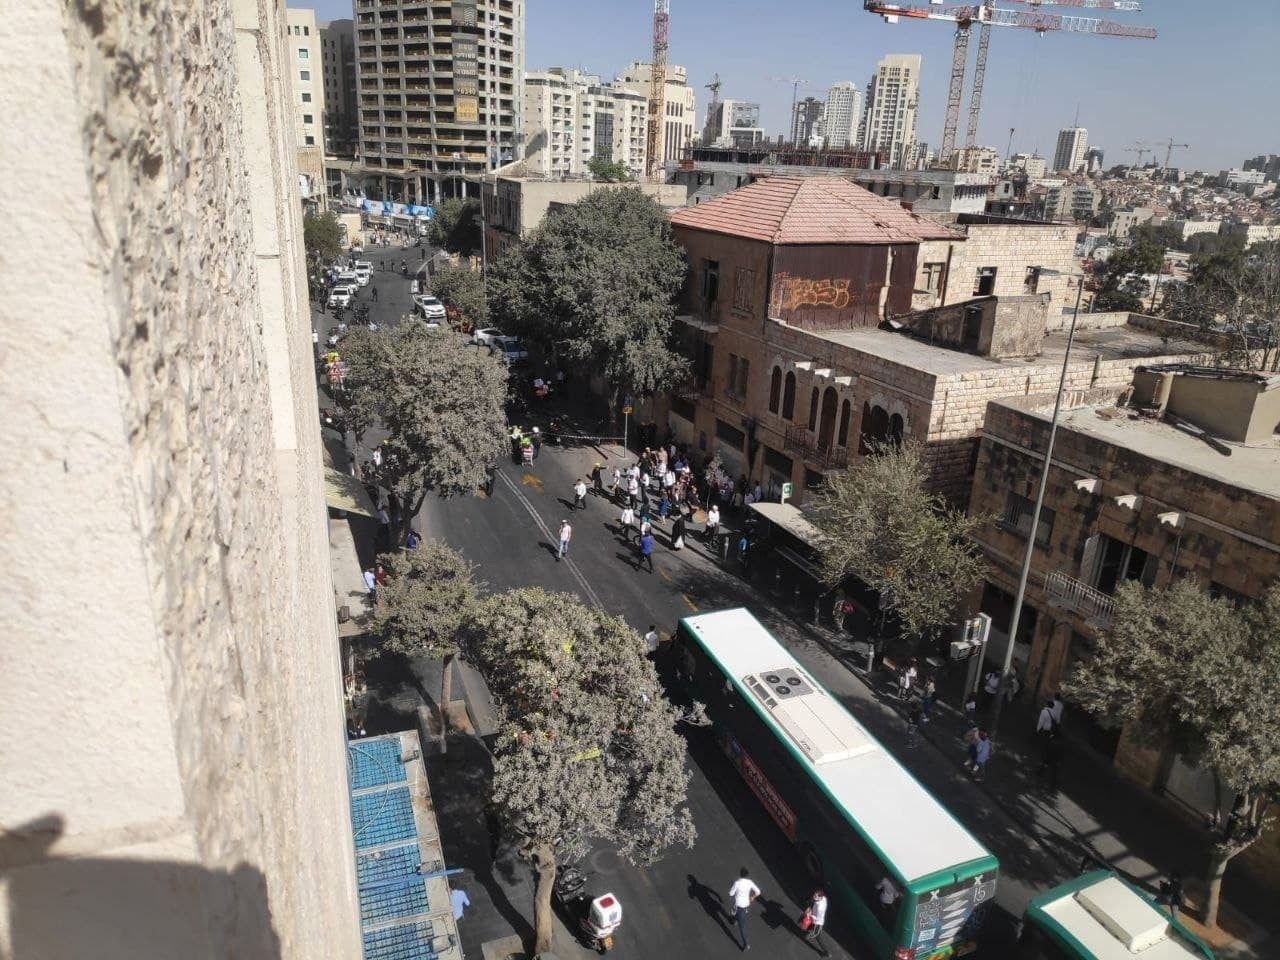 شاهد محدث.. الاحتلال يزعم وقوع 5 إصابات بعملية طعن في القدس